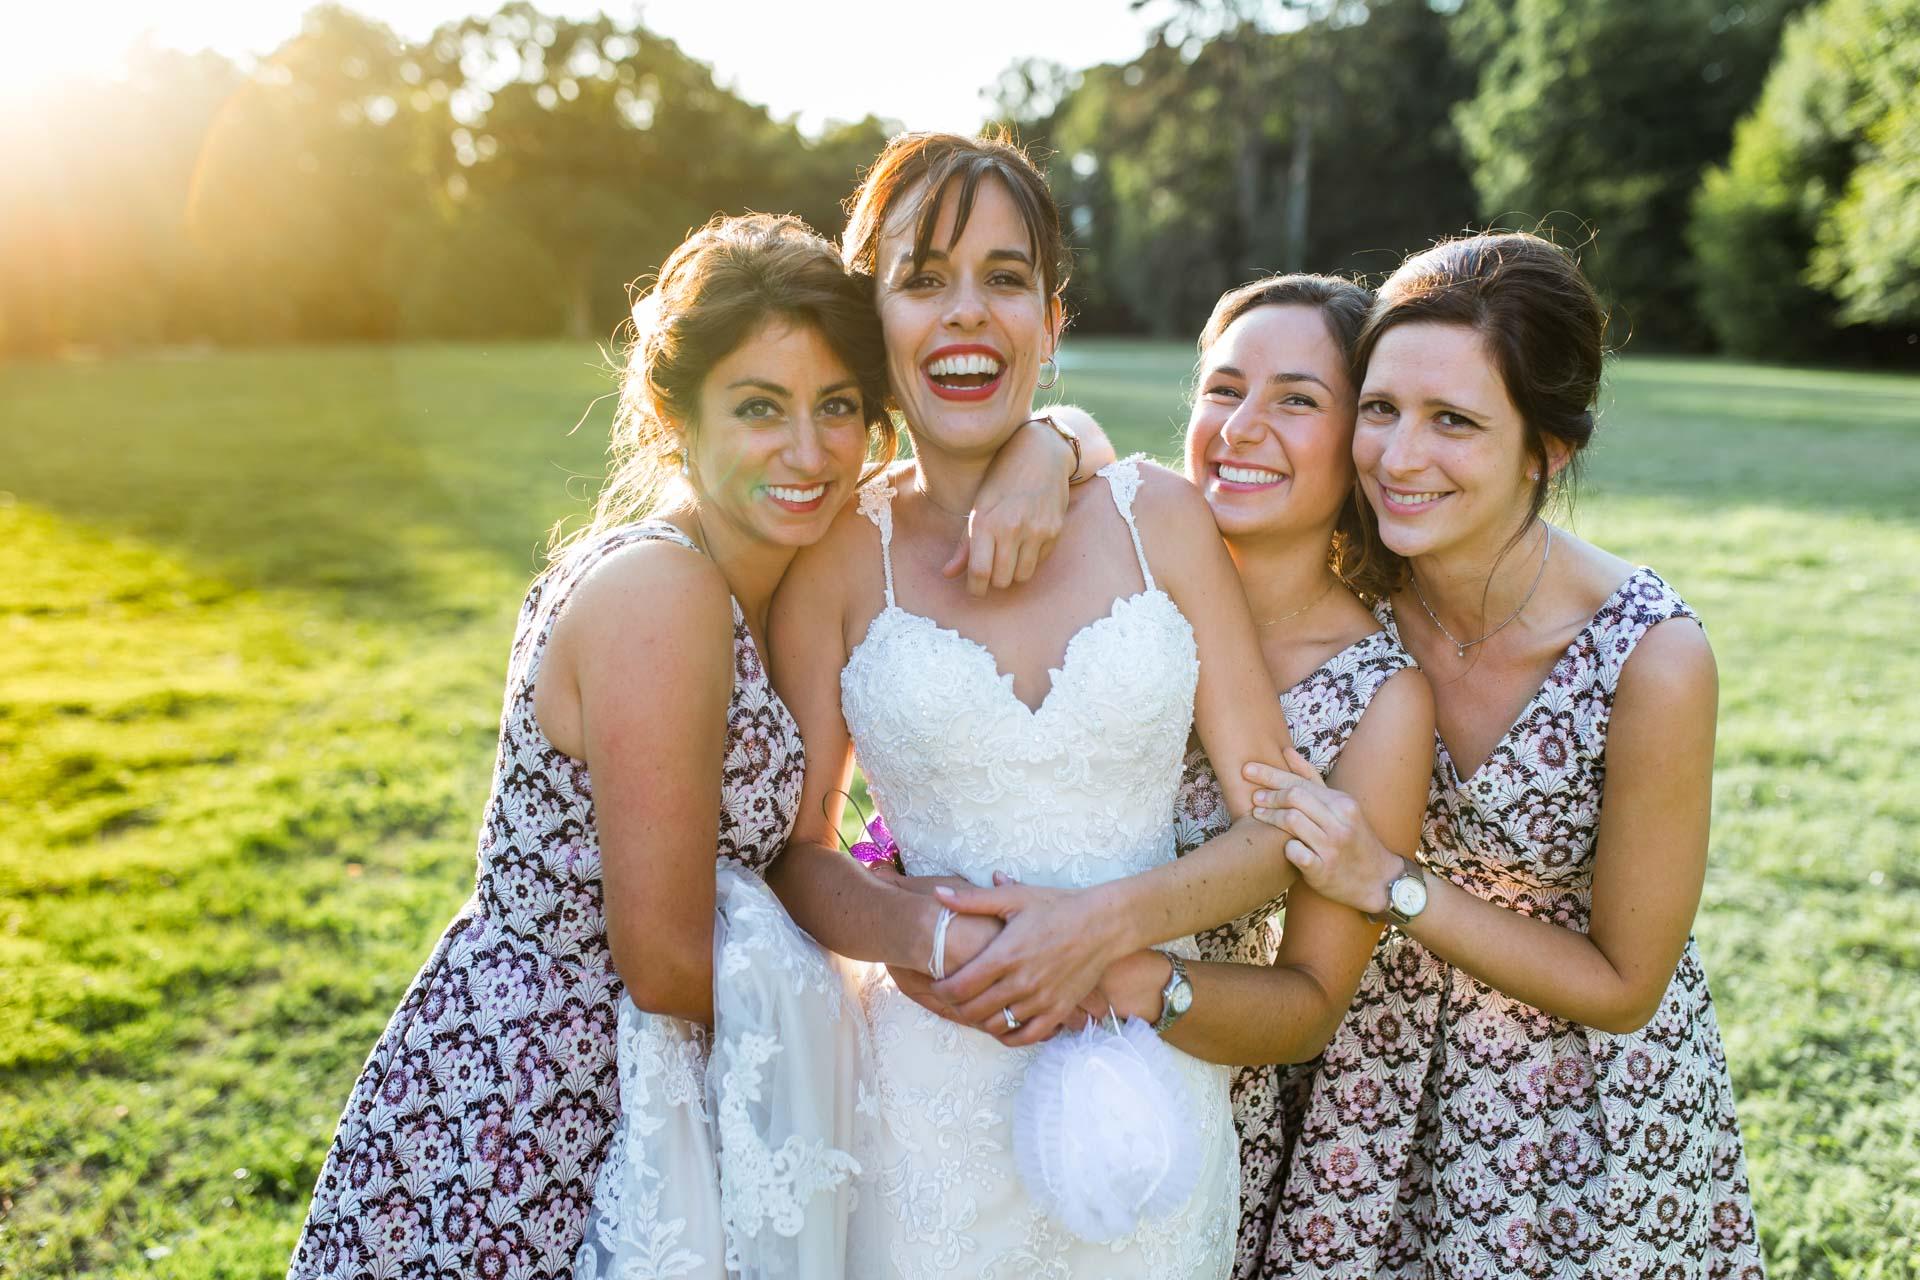 Les filles Chateau de coppet - Photographe Mariage